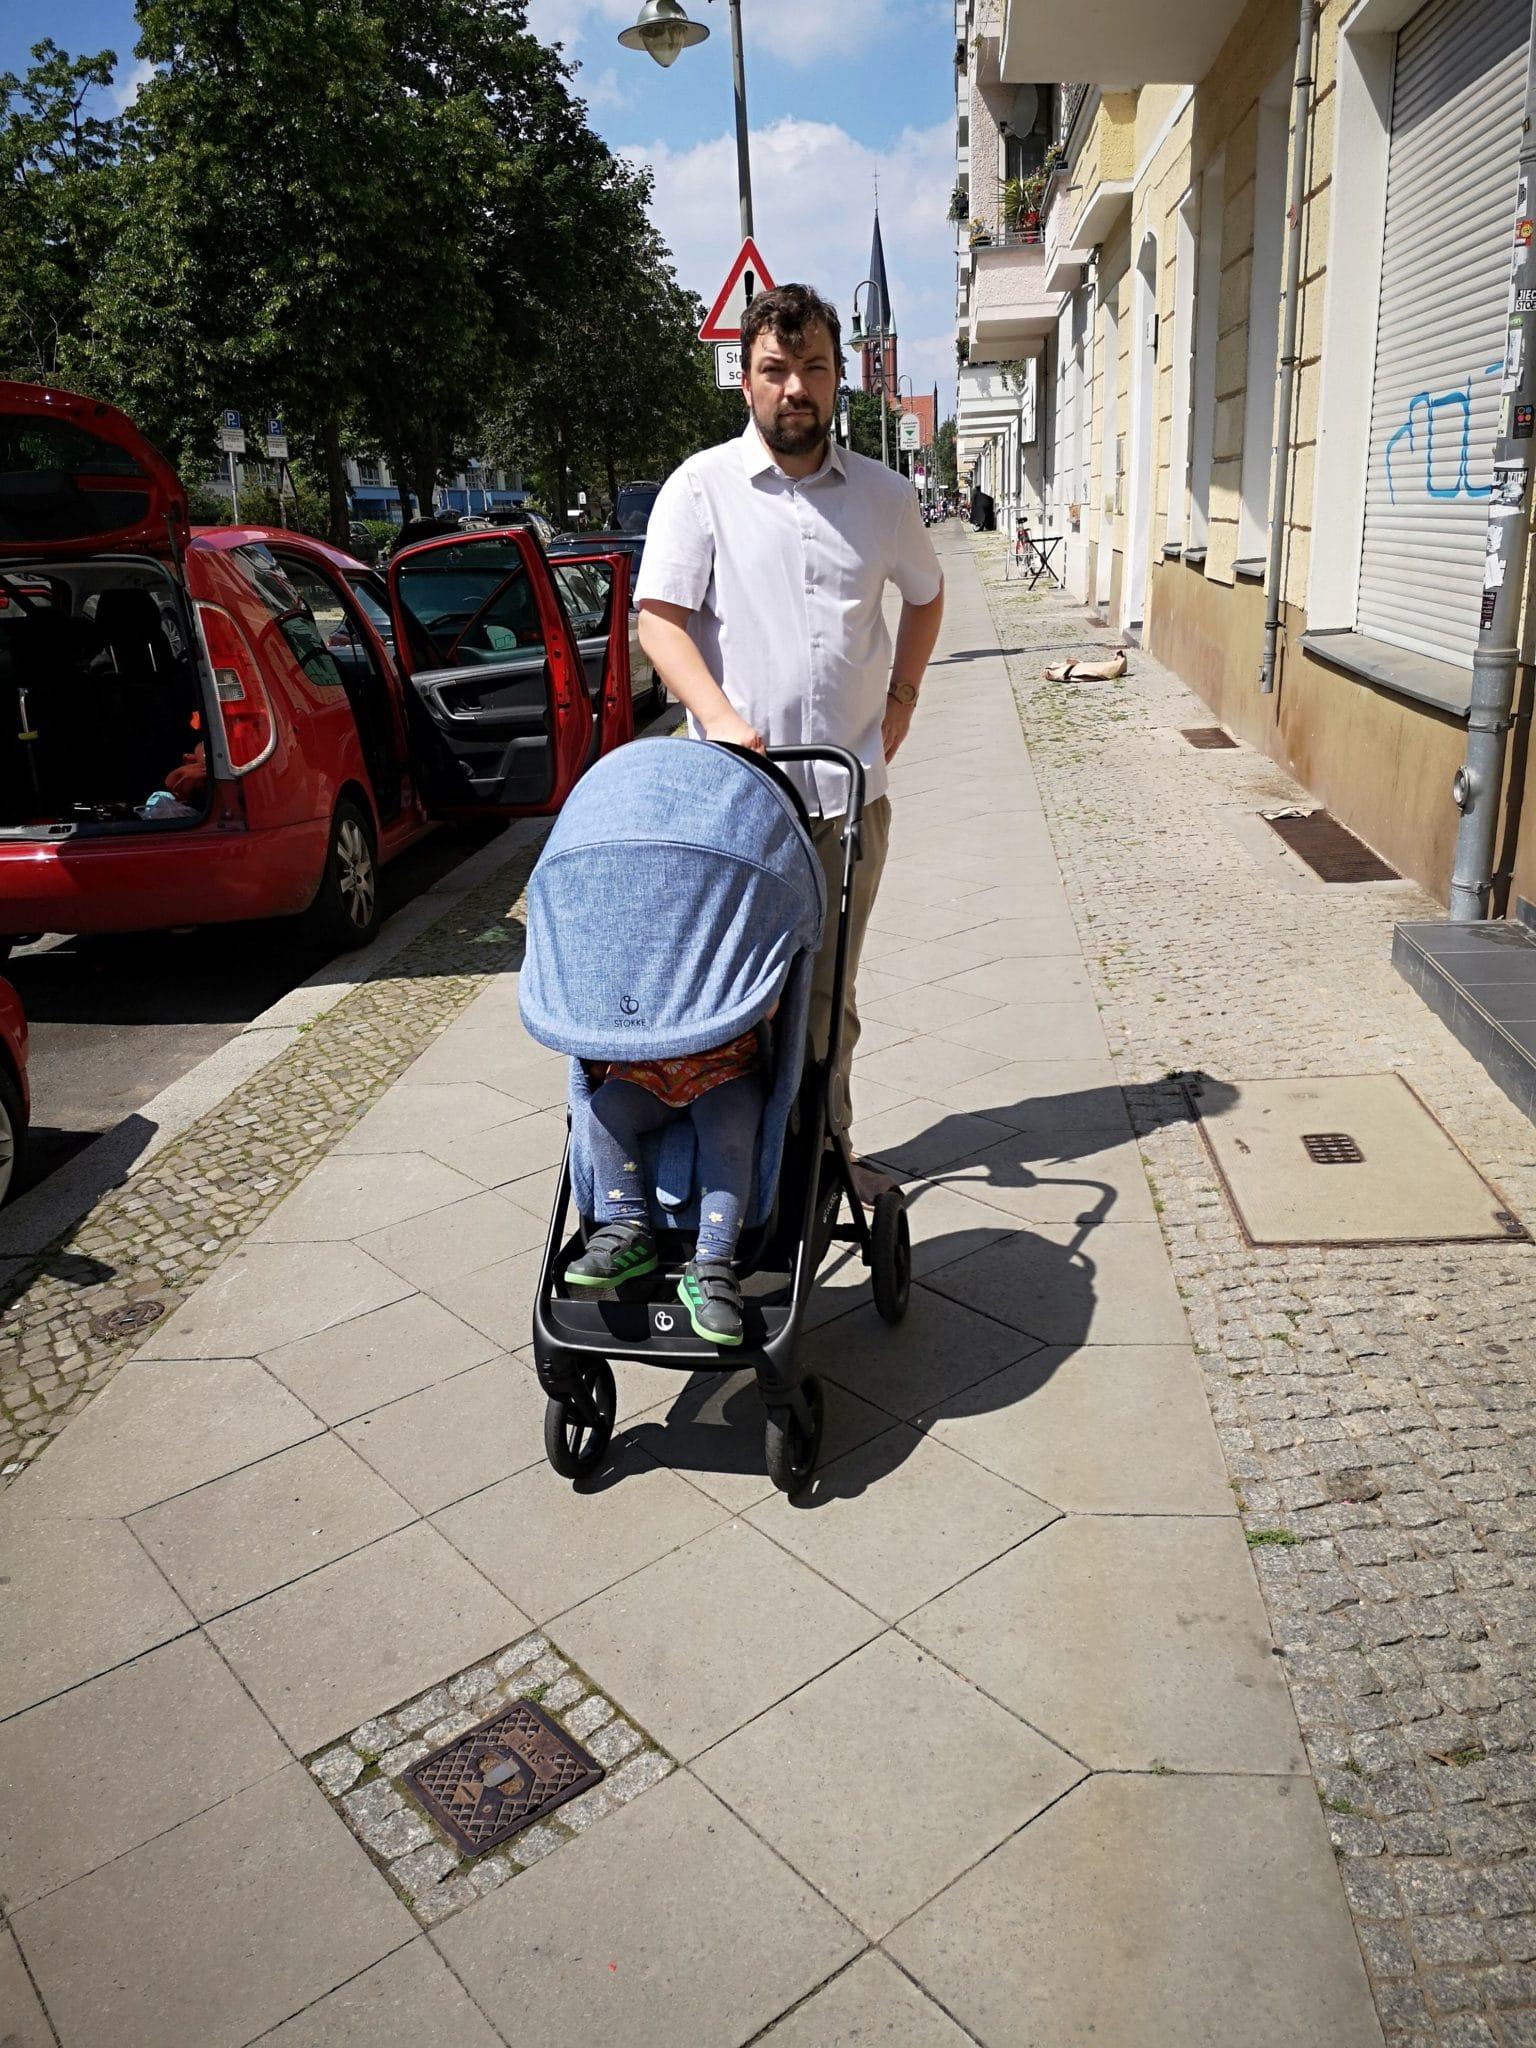 Ein Mann schiebt einen Kinderwagen auf einer Straße